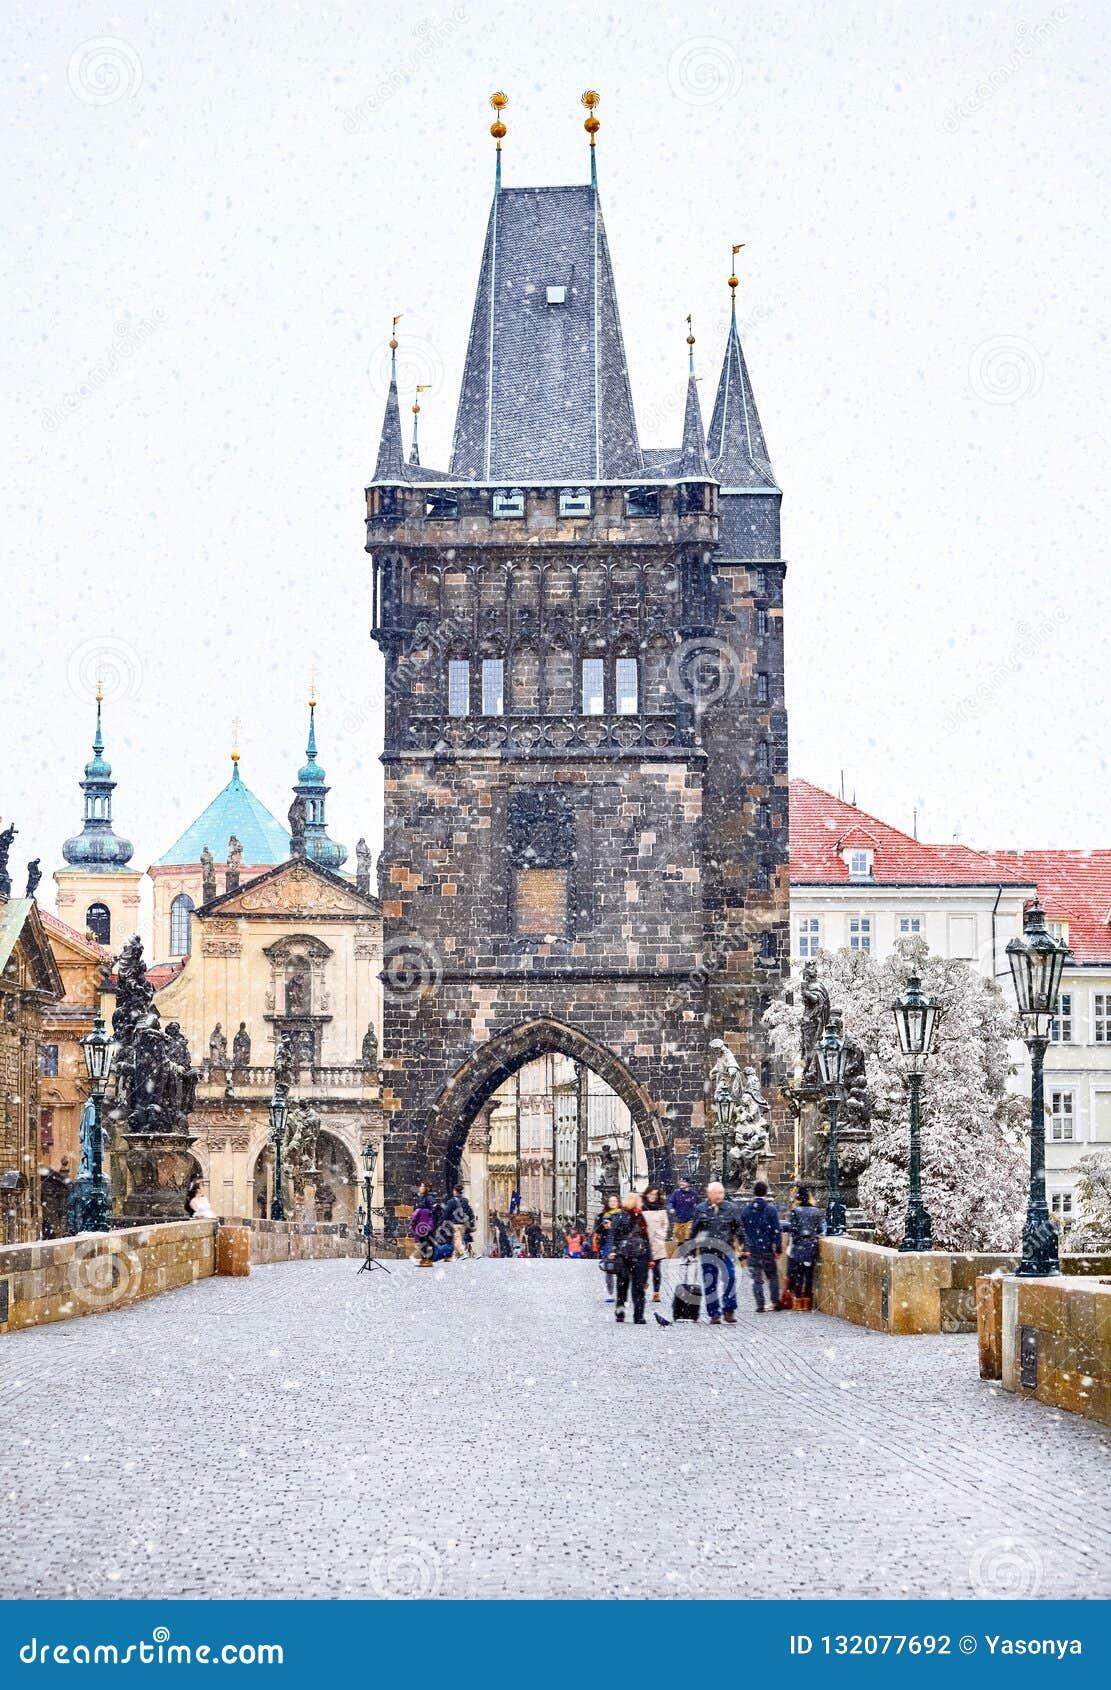 Weihnachten in Prag, Charles Bridge-Turm